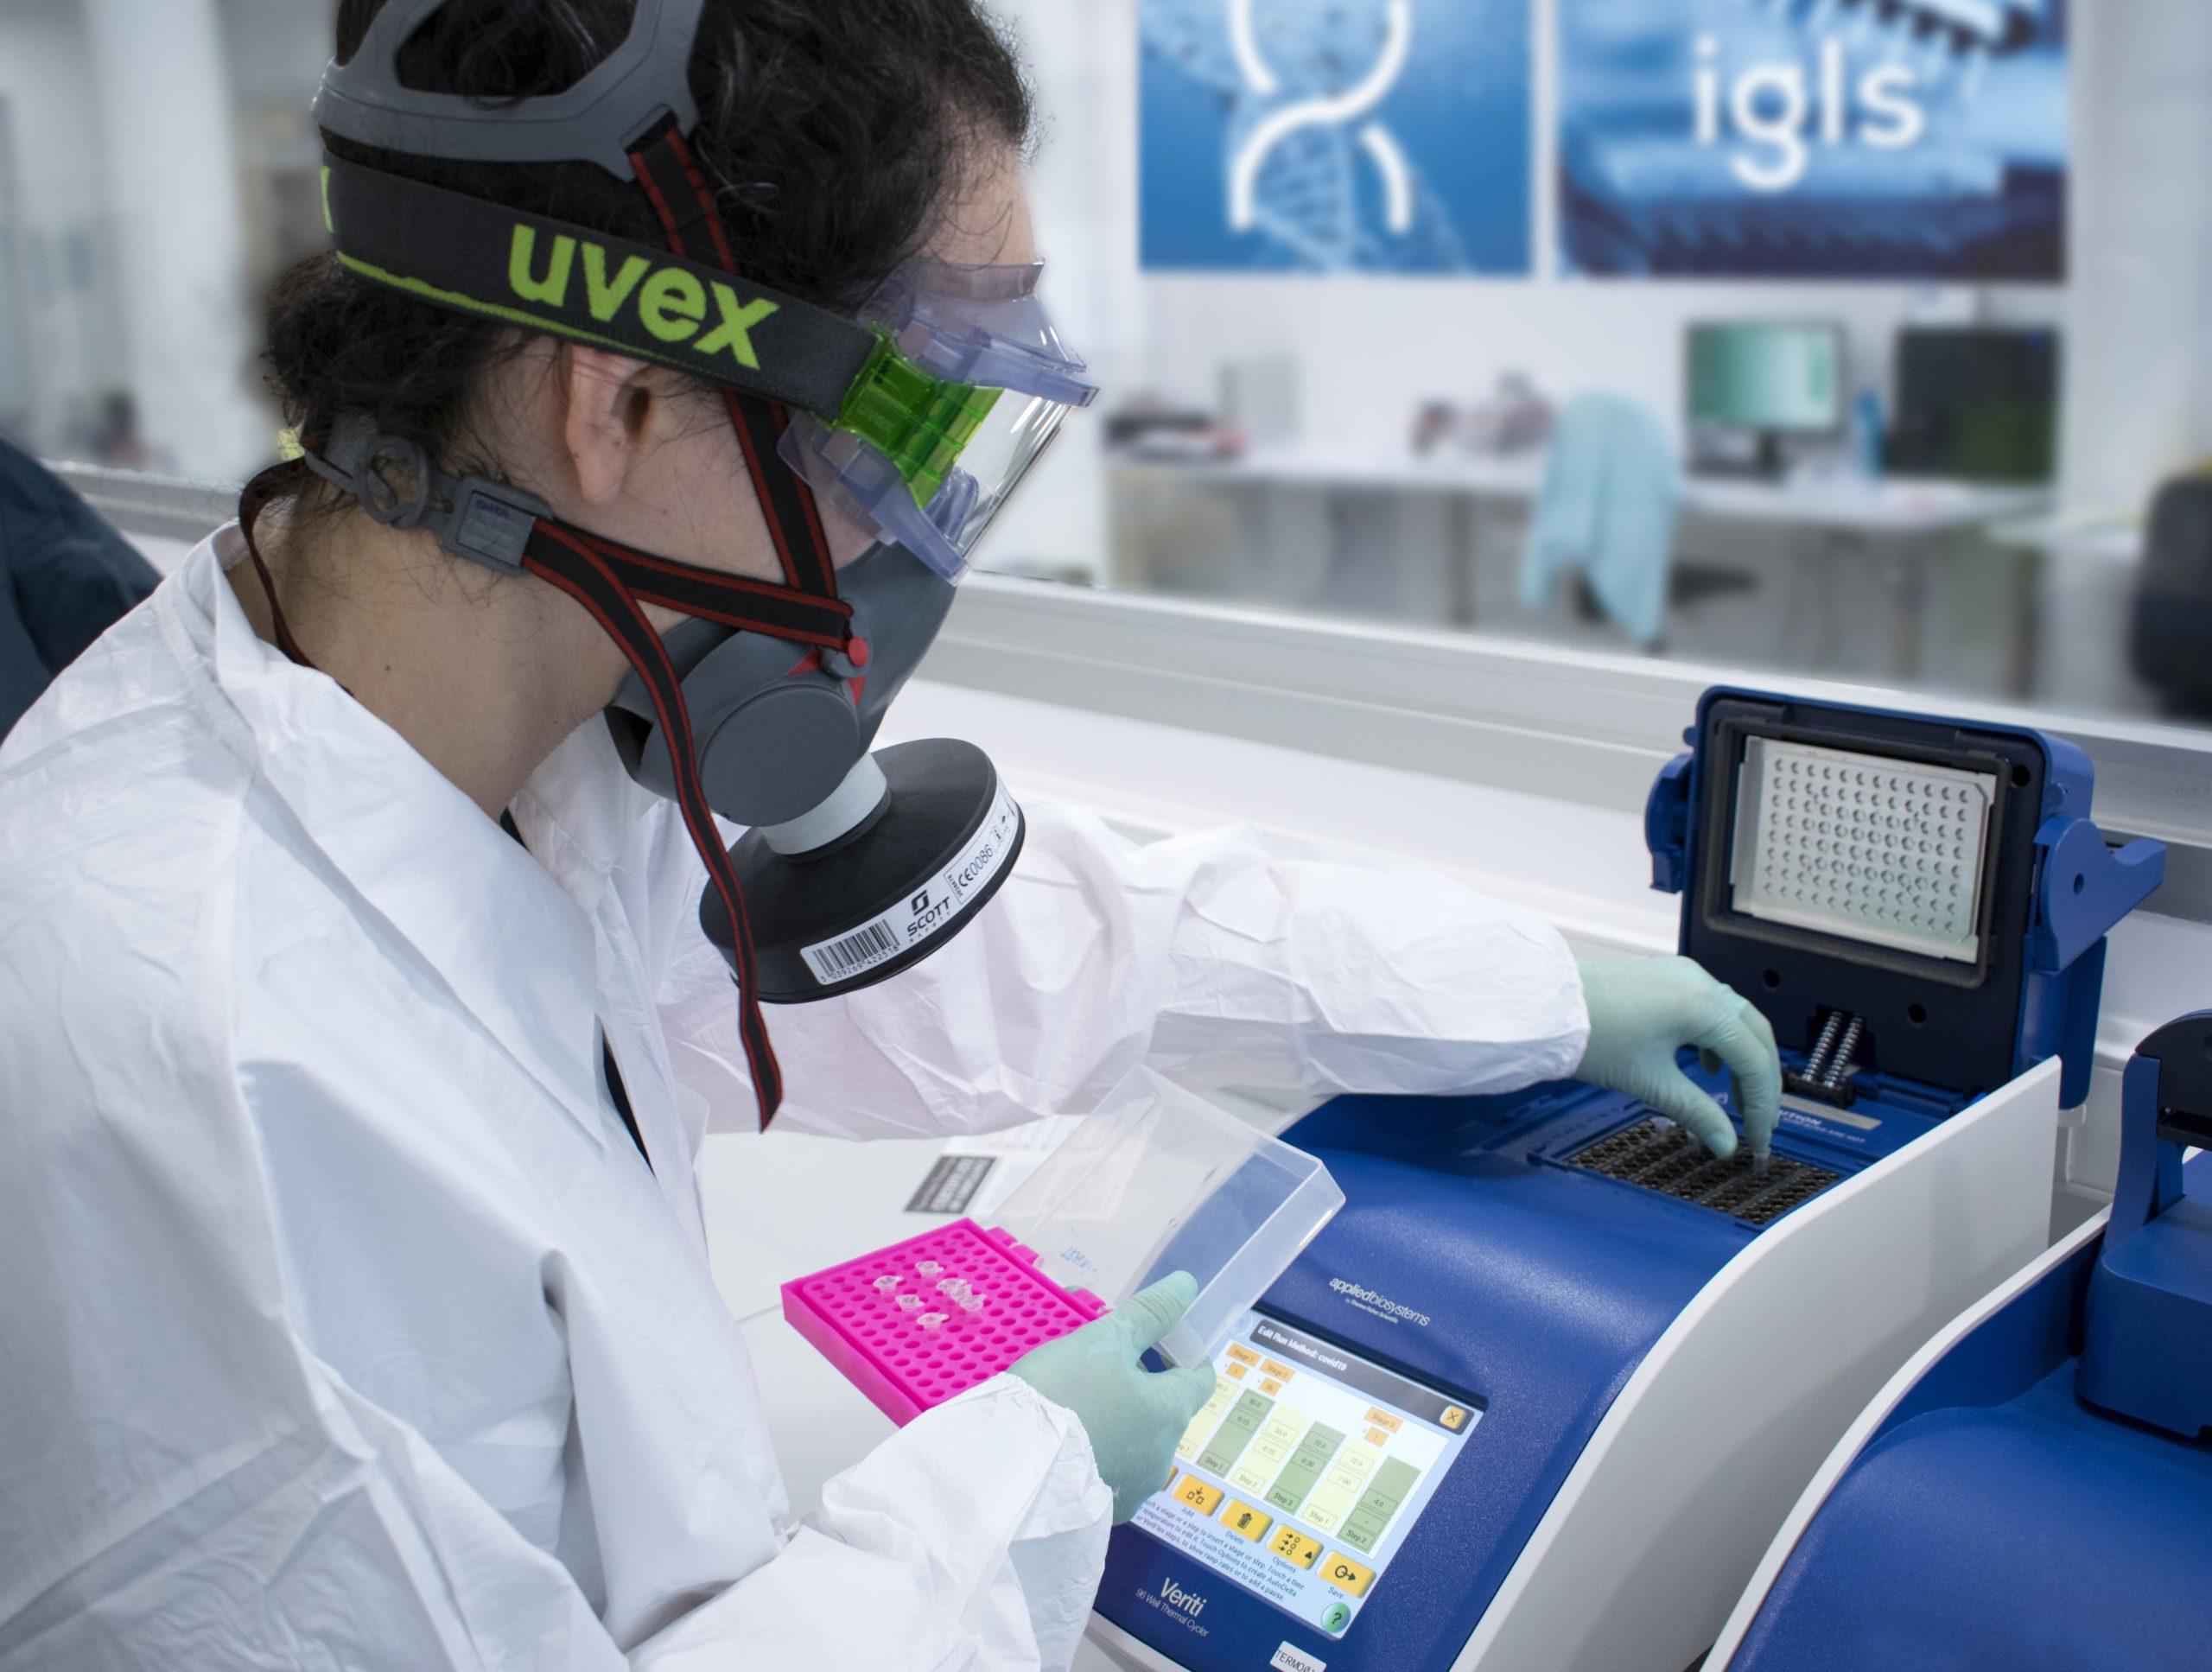 El laboratorio alicantino iGLS lanza el test qPCR para detectar la Covid-19 en saliva sin salir de casa